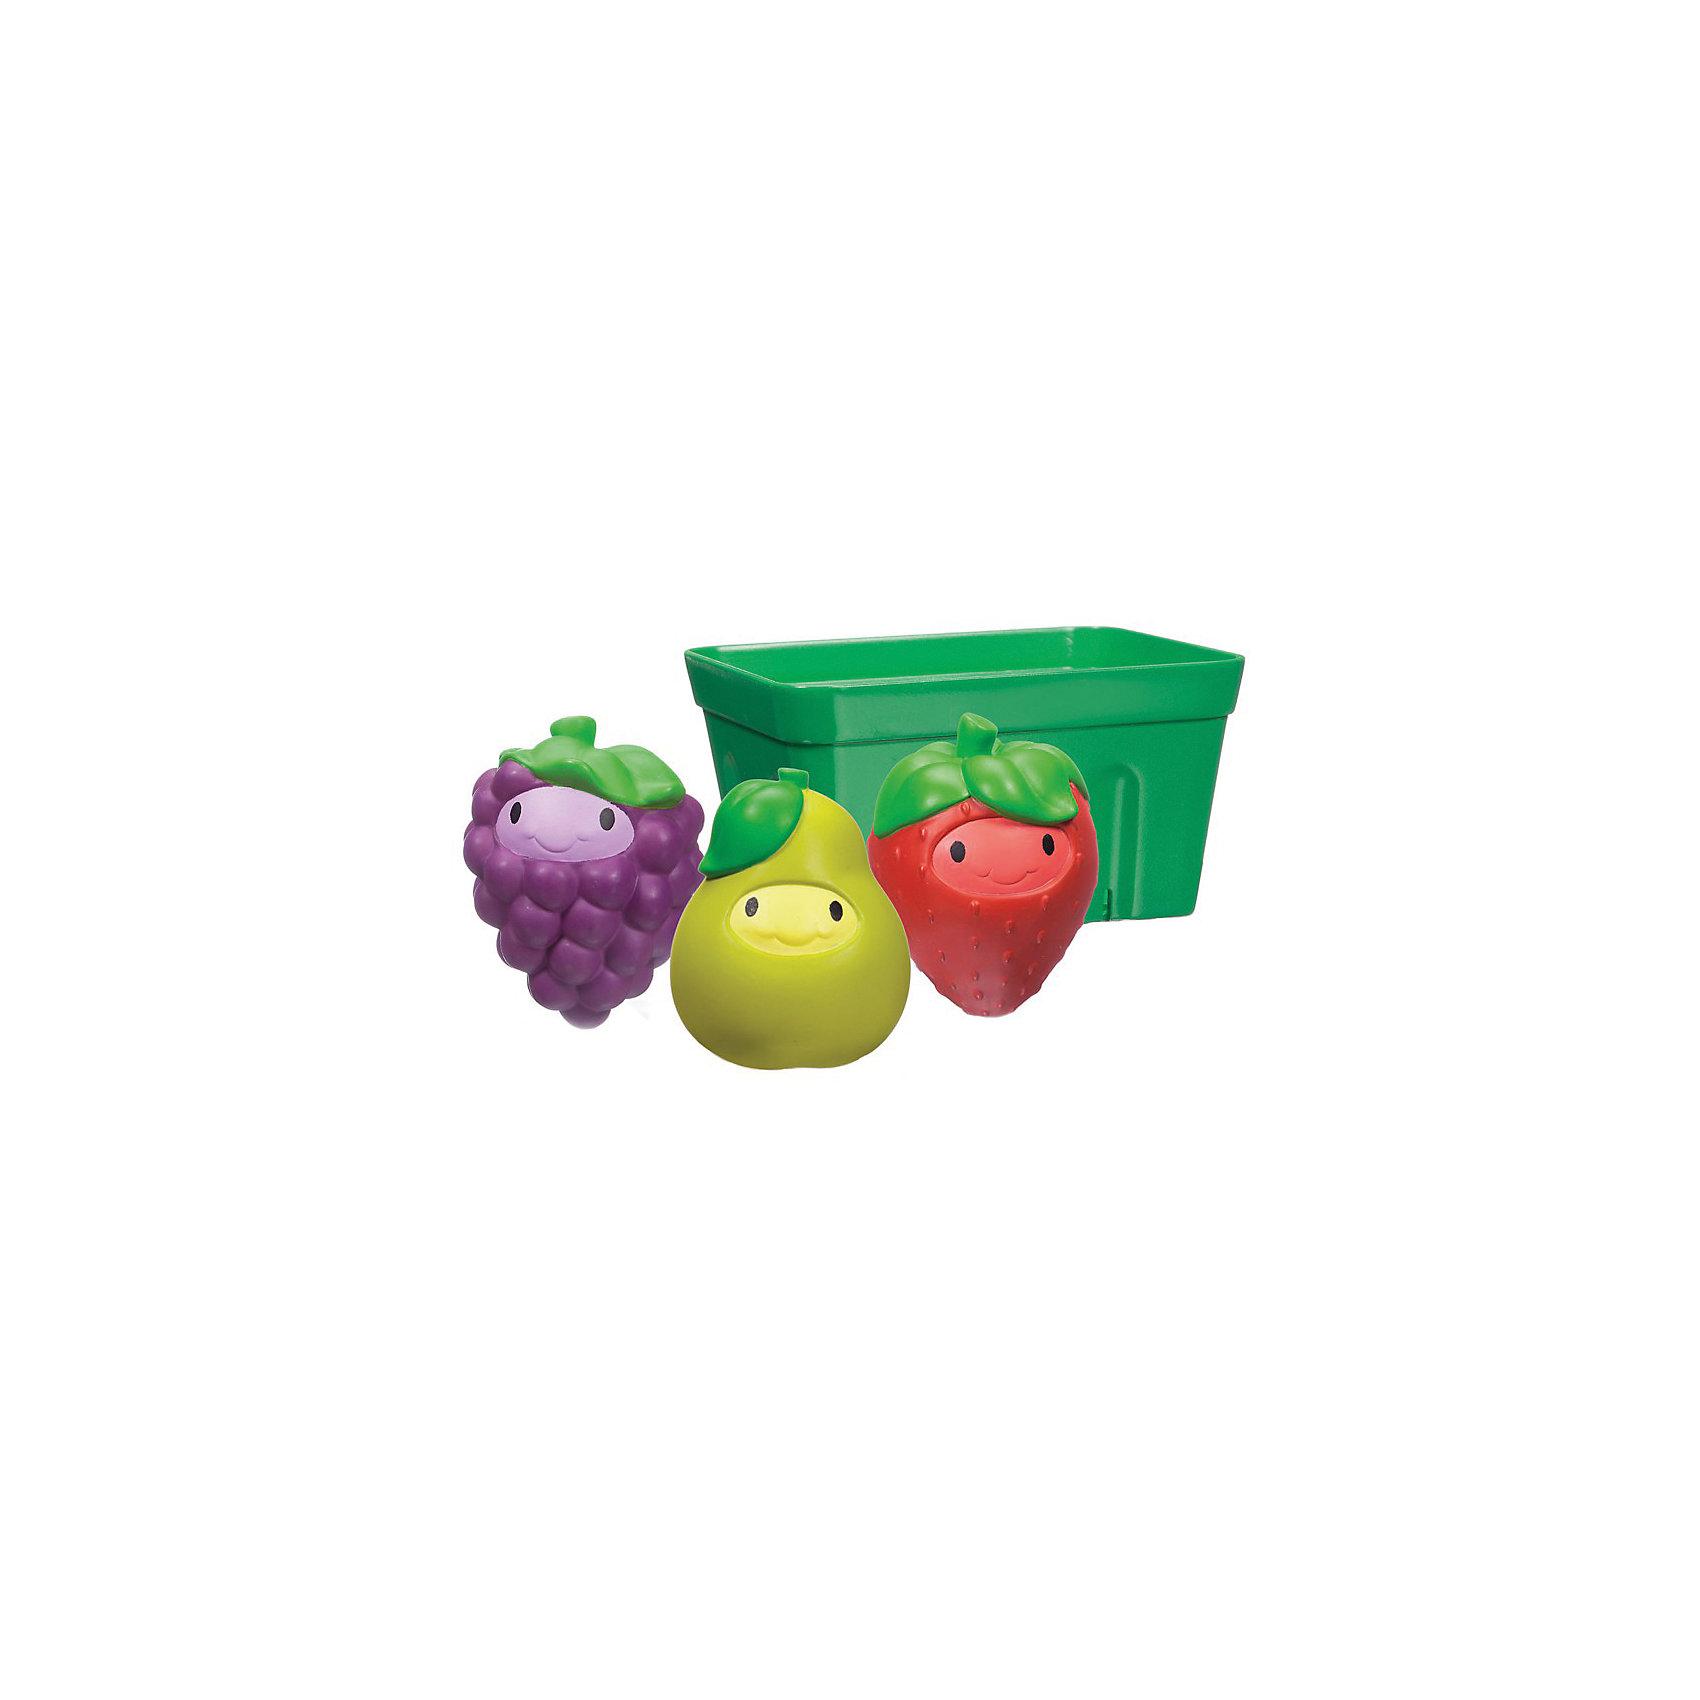 Игрушки для ванны Фрукты в корзине 9+, MunchkinИгрушки для ванны Фрукты в корзине 9+, Munchkin (Манчкин) - непременно понравятся вашему малышу и превратят купание в веселую игру.<br>Три яркие игрушки-брызгалки в виде груши, клубники и виноградинки разнообразят купание малыша и позволят ему придумывать различные увлекательные игры в ванной. Удобная форма игрушек адаптирована для детских ручек. Все игрушки складываются в специальную корзинку-сито, в которую можно наливать и просеивать водичку. Игрушки развивают мелкую моторику рук, творческое мышление, дают ребенку первые представления о формах, свойствах и цветах предметов. Миссия Munchkin (Манчкин), американской компании с 20-летней историей: избавить мир от надоевших и прозаических товаров, искать умные инновационные решения, которые превращает обыденные задачи в опыт, приносящий удовольствие. Понимая, что наибольшее значение в быту имеют именно мелочи, компания создает уникальные товары, которые помогают поддерживать порядок, организовывать пространство, облегчают уход за детьми – недаром компания имеет уже более 140 патентов и изобретений, используемых в создании ее неповторимой и оригинальной продукции. Munchkin (Манчкин) делает жизнь родителей легче!<br><br>Дополнительная информация:<br><br>- Для детей с 9 месяцев<br>- В наборе: корзинка-сито, 3 брызгалки (клубника, груша, виноград)<br>- Материал: резина, пластмасса<br>- Не содержит Бисфенол-А<br>- Размер упаковки: 8х16х17 см.<br>- Вес: 170 гр.<br><br>Игрушки для ванны Фрукты в корзине 9+, Munchkin (Манчкин) можно купить в нашем интернет-магазине.<br><br>Ширина мм: 80<br>Глубина мм: 160<br>Высота мм: 170<br>Вес г: 170<br>Возраст от месяцев: 9<br>Возраст до месяцев: 36<br>Пол: Унисекс<br>Возраст: Детский<br>SKU: 4701940